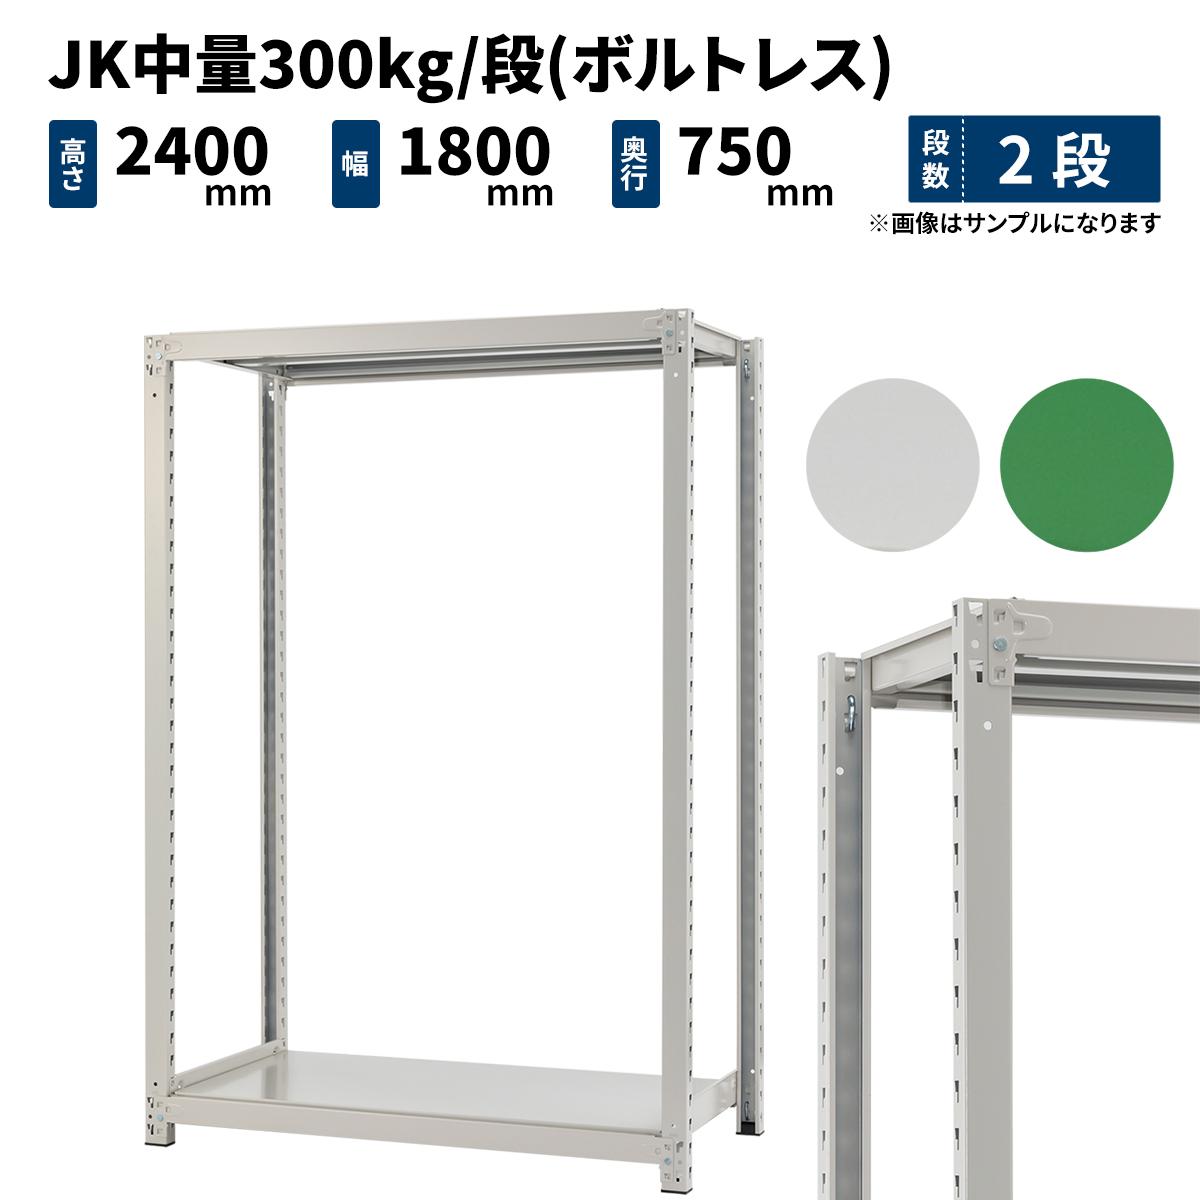 スチールラック 業務用 JK中量300kg/段(ボルトレス) 単体形式 高さ2400×幅1800×奥行750mm 2段 ホワイトグレー/グリーン (68kg) JK300_T-241875-2